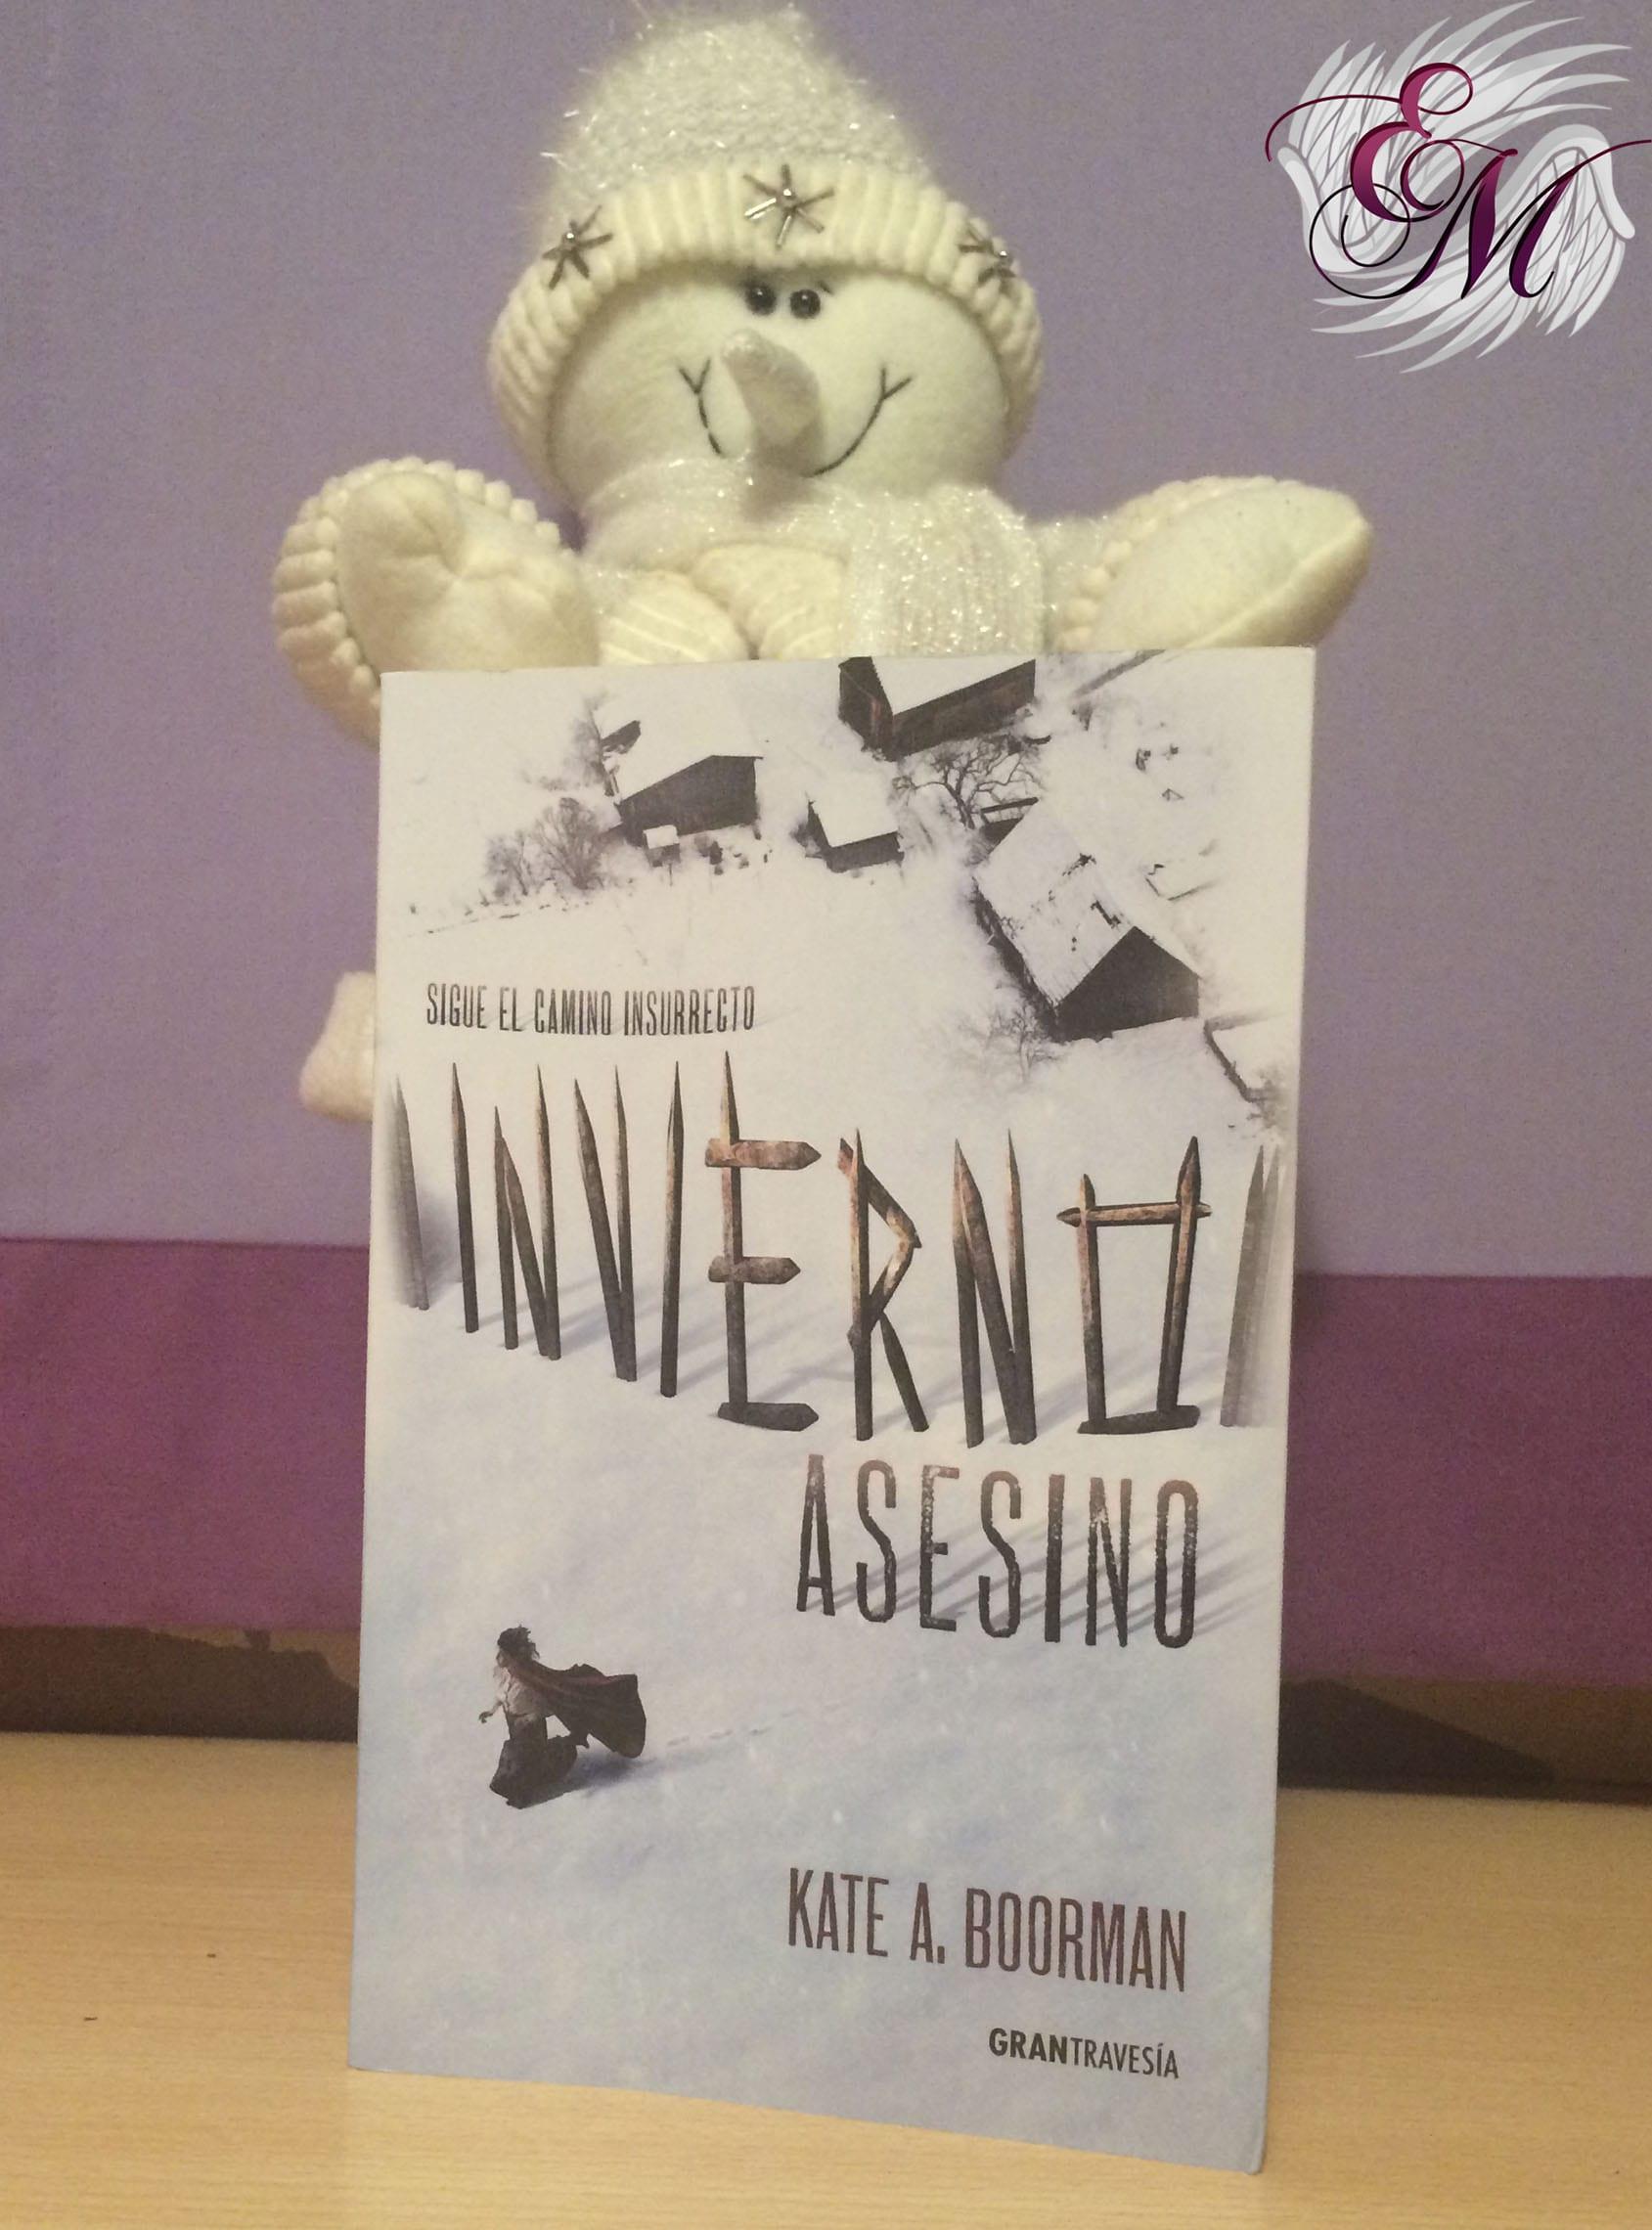 Invierno asesino, de Kate A. Boorman - Reseña